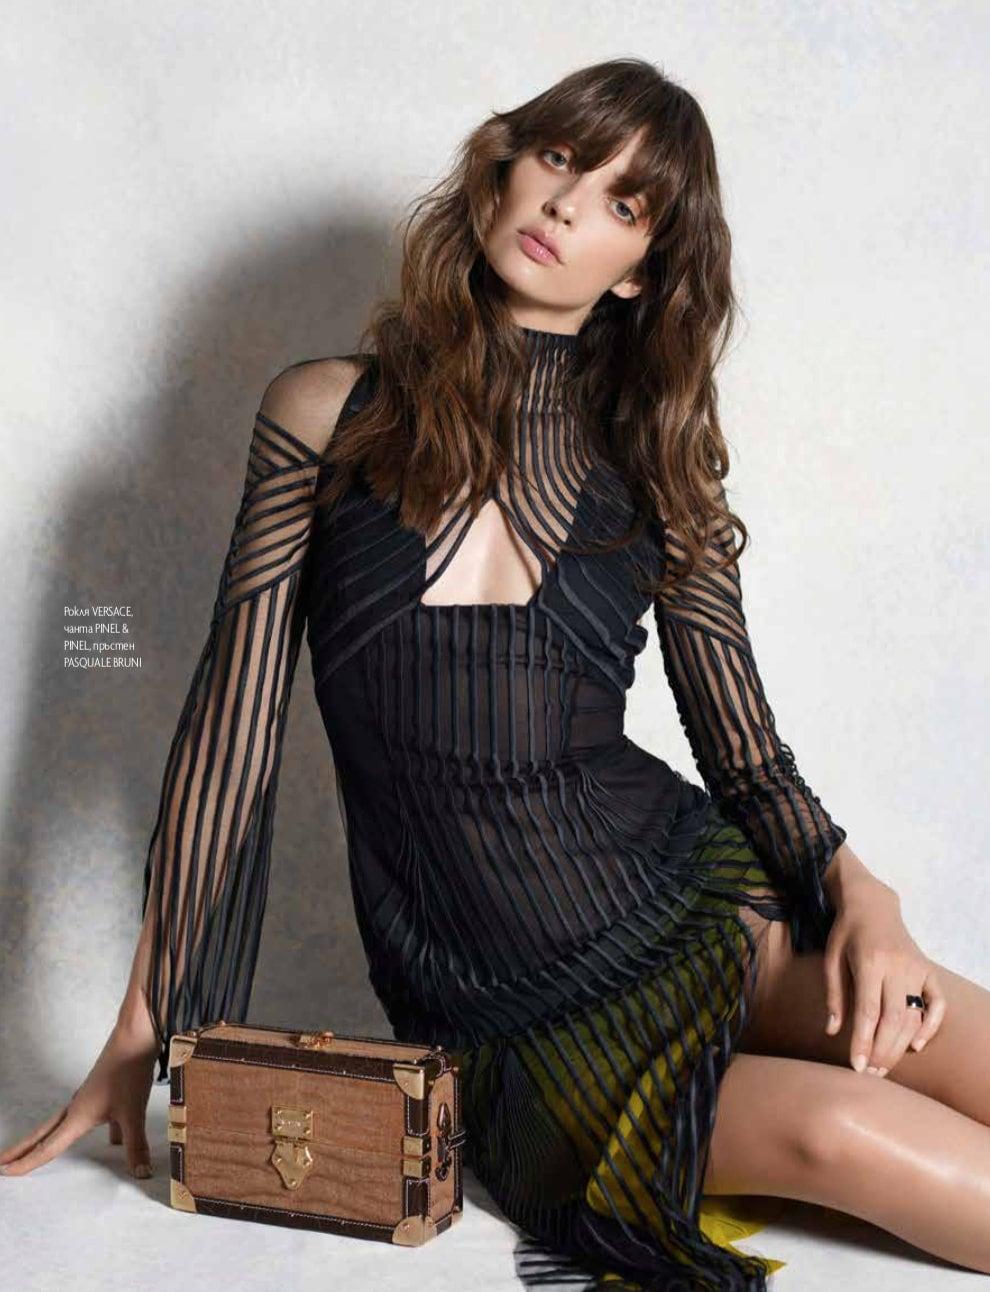 Elle Bulgaria Anne Zesiger Elika Bavar Hair Styling 6